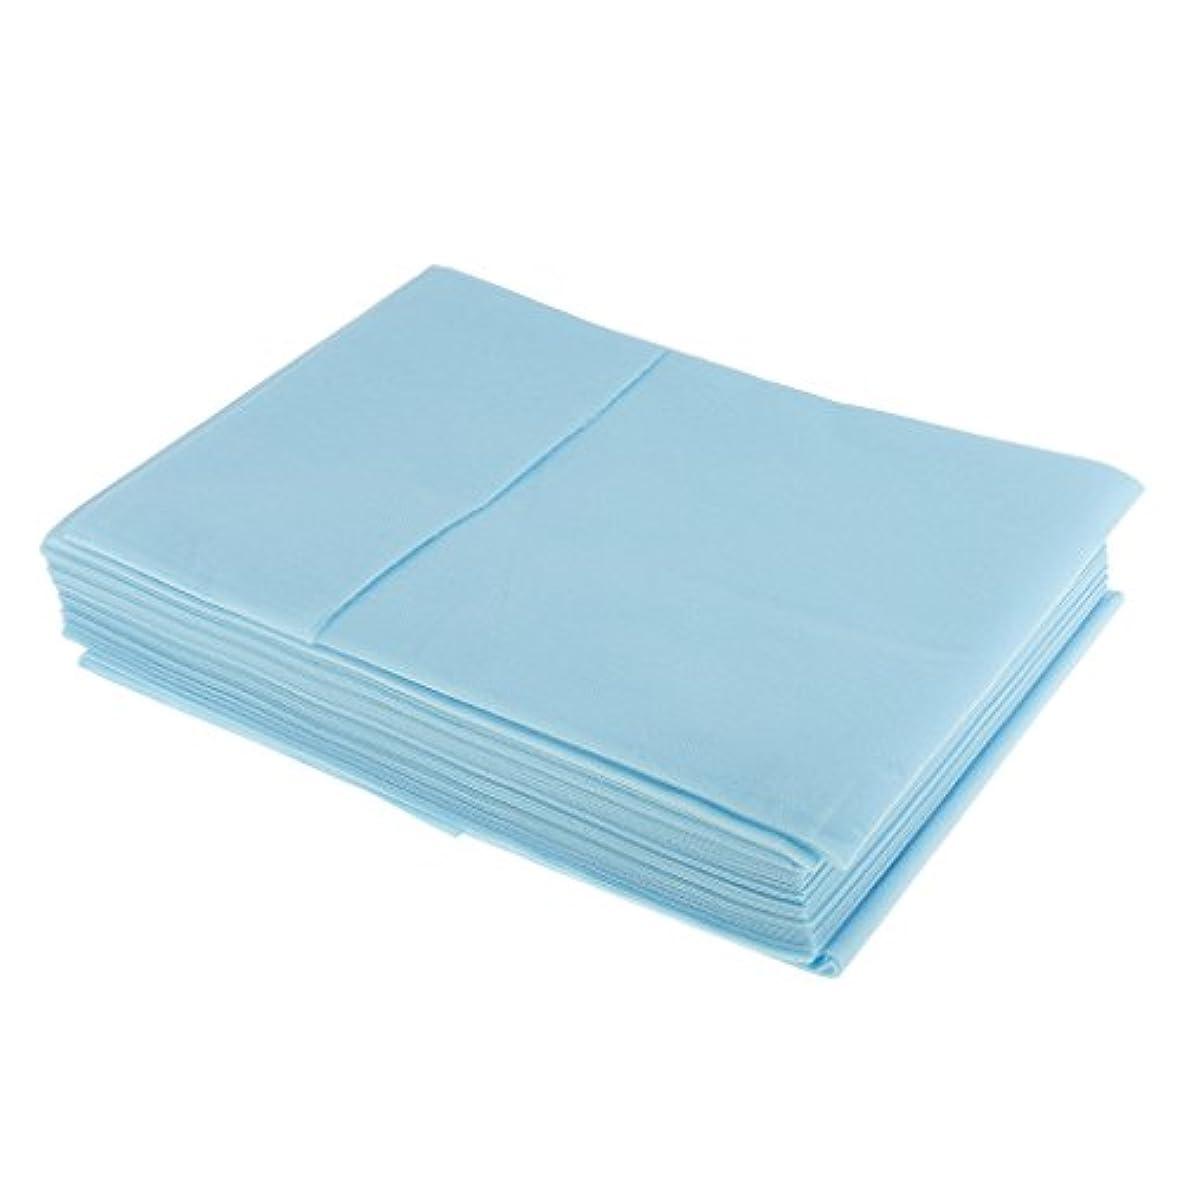 納得させる見て経験者Perfk 10枚入り 使い捨て 衛生シート ベッドパッド 旅行用 美容室/マッサージ/サロン/ホテル 店舗用品 全3色選べ - 青